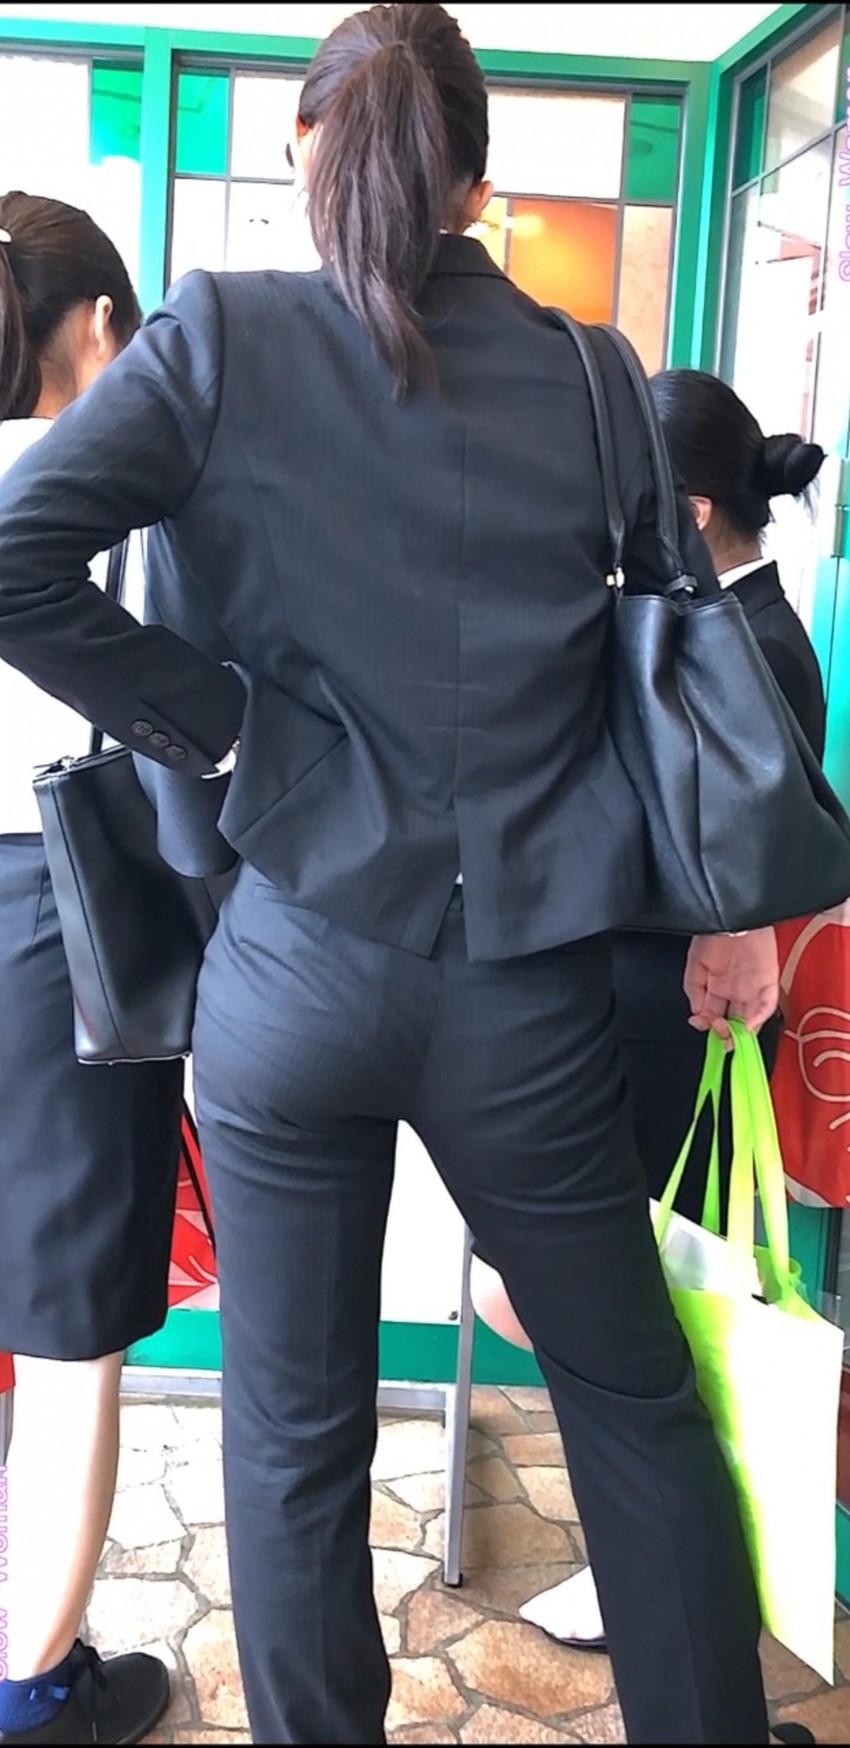 【パンツスーツOLエロ画像】パンツスーツOLのデカ尻から浮かび上がるパンティーラインが一番美しい!ww仕事や休憩中のOLのパン線を隠し撮りしたパンツスーツOLのエロ画像集!ww【80枚】 47